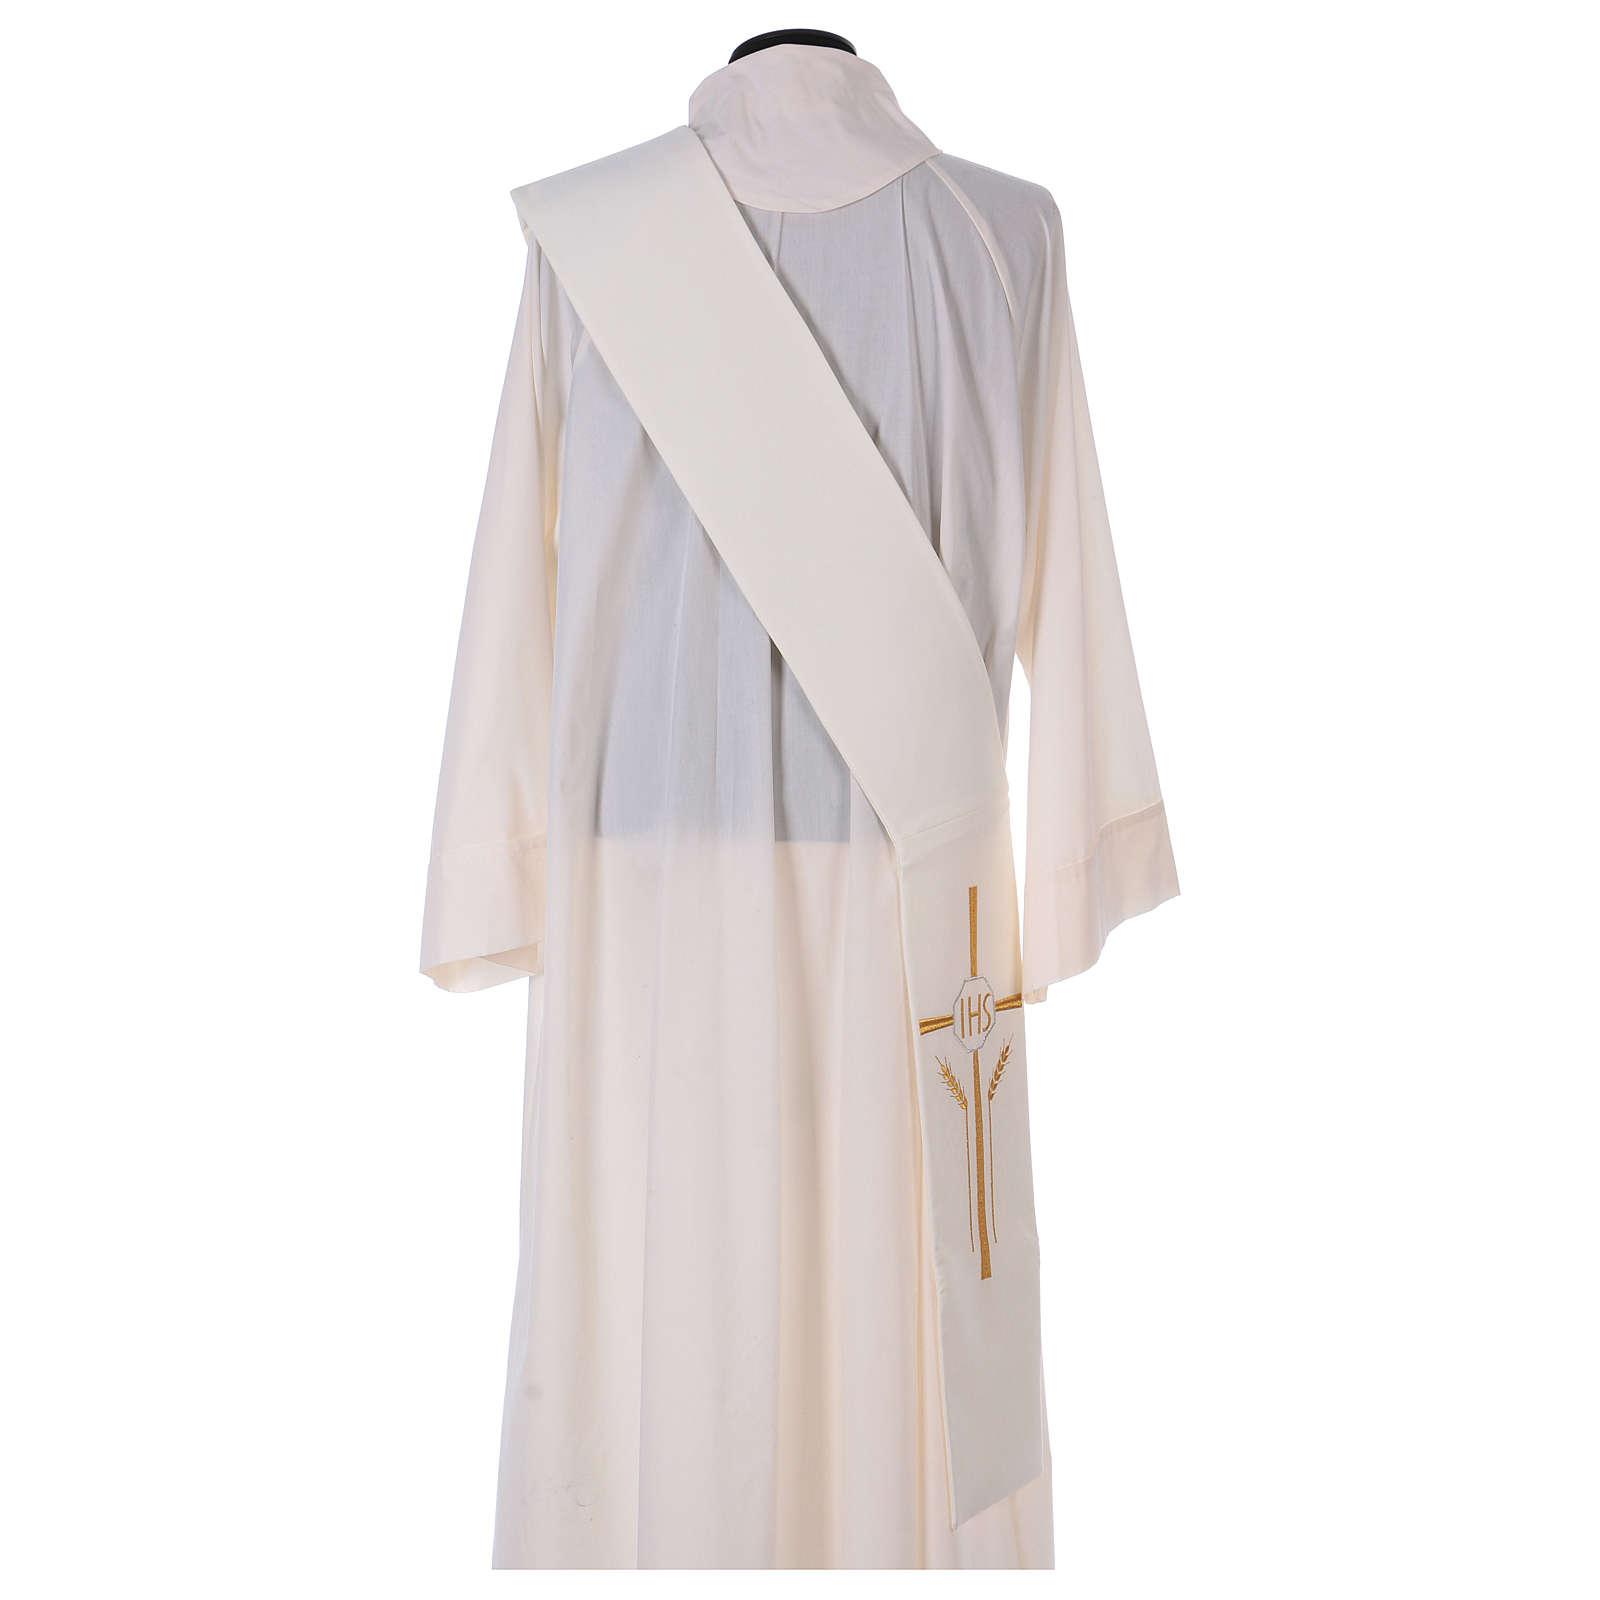 Etole pour diacre épis croix IHS 100% polyester 4